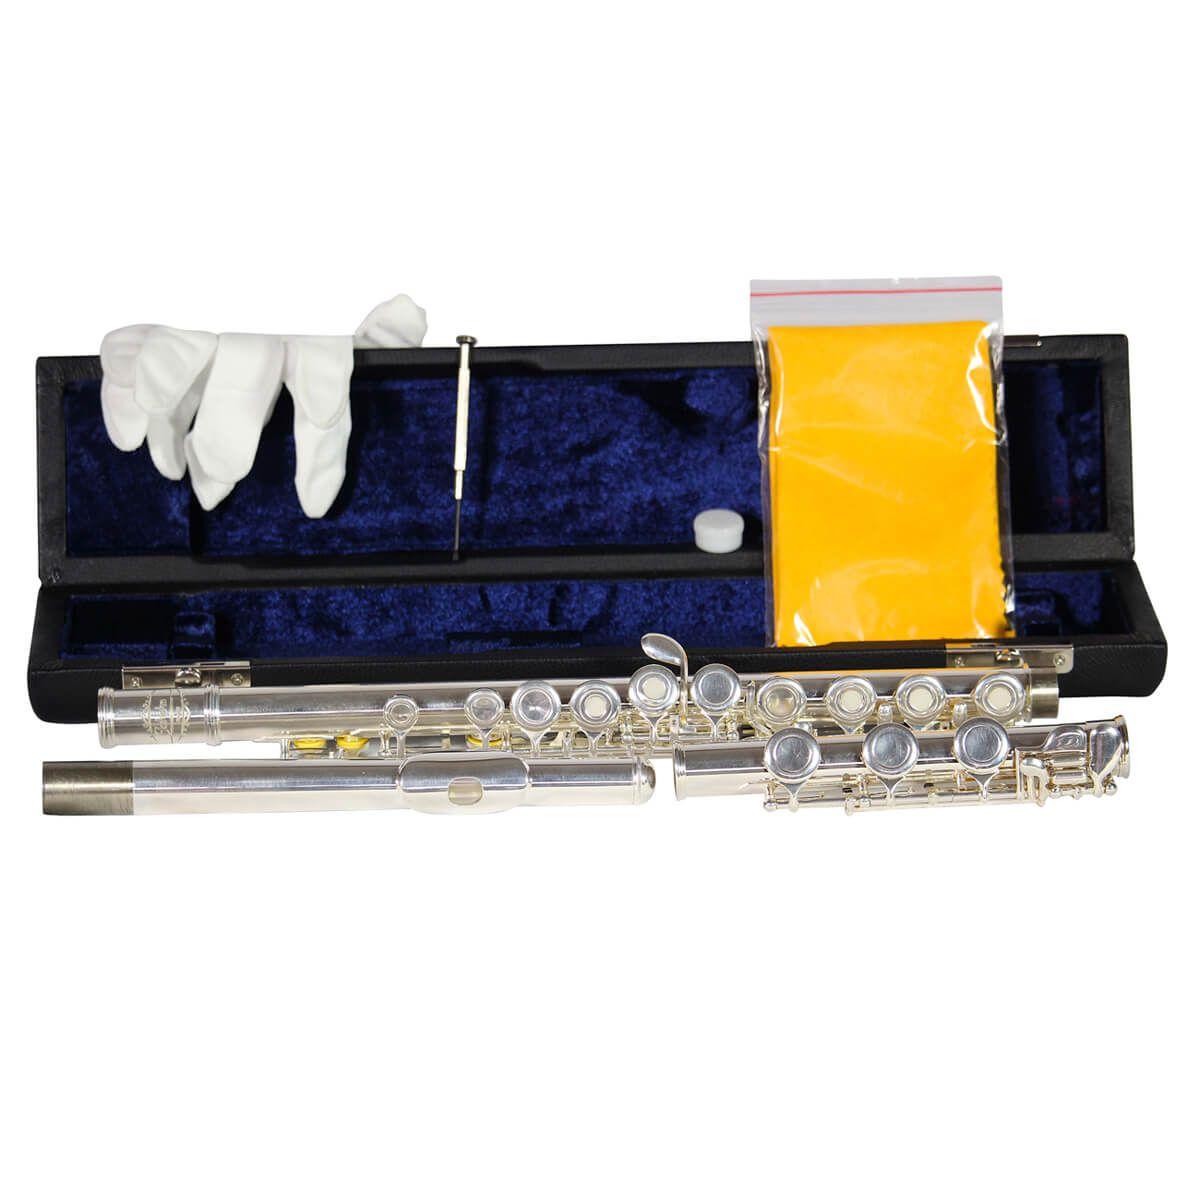 Flauta Transversal - Jahnke - Prata